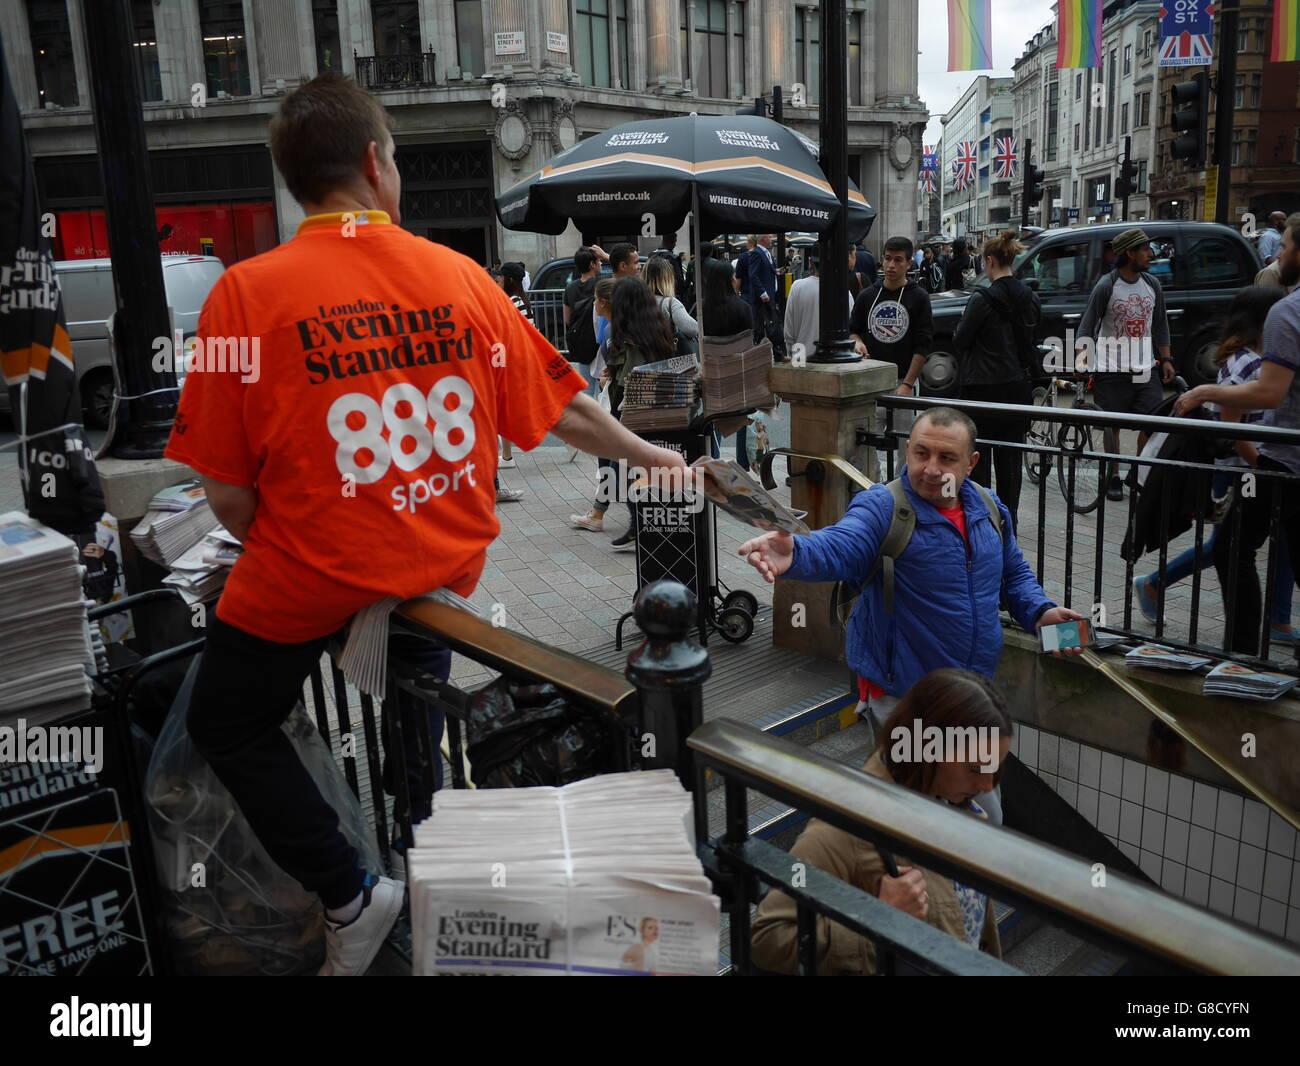 Abend-Zeitung Standard-Distributor mit 888 Sport Tshirt Oxford Street London Stockbild